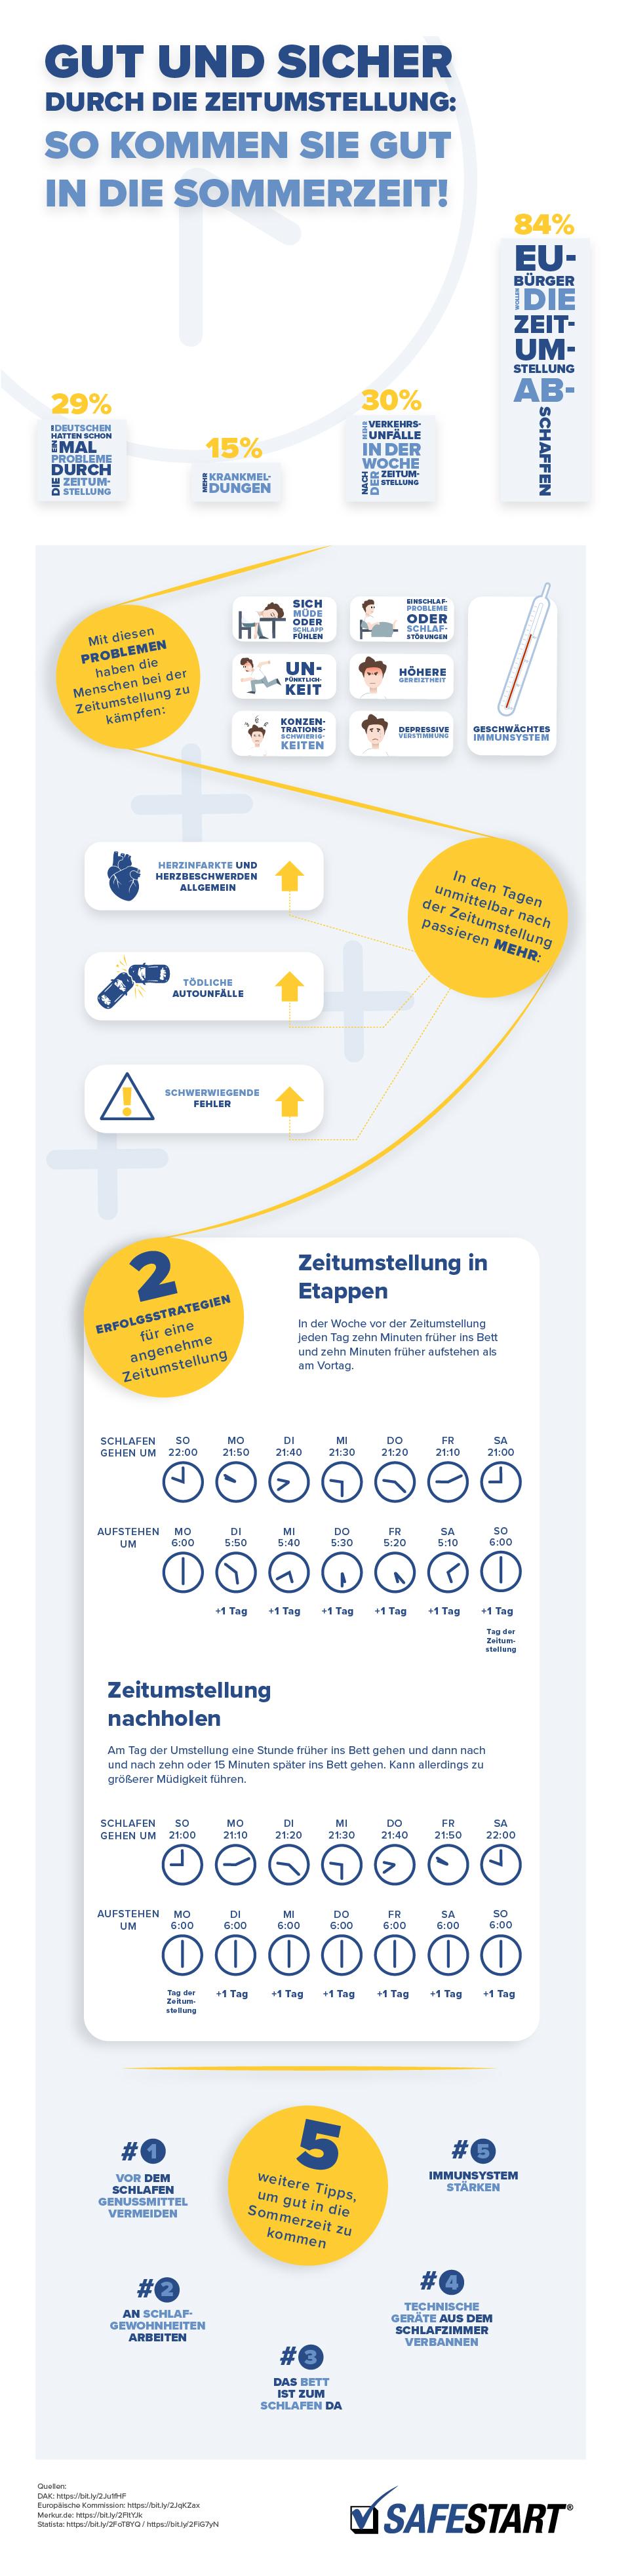 Infografik zur Zeitumstellung